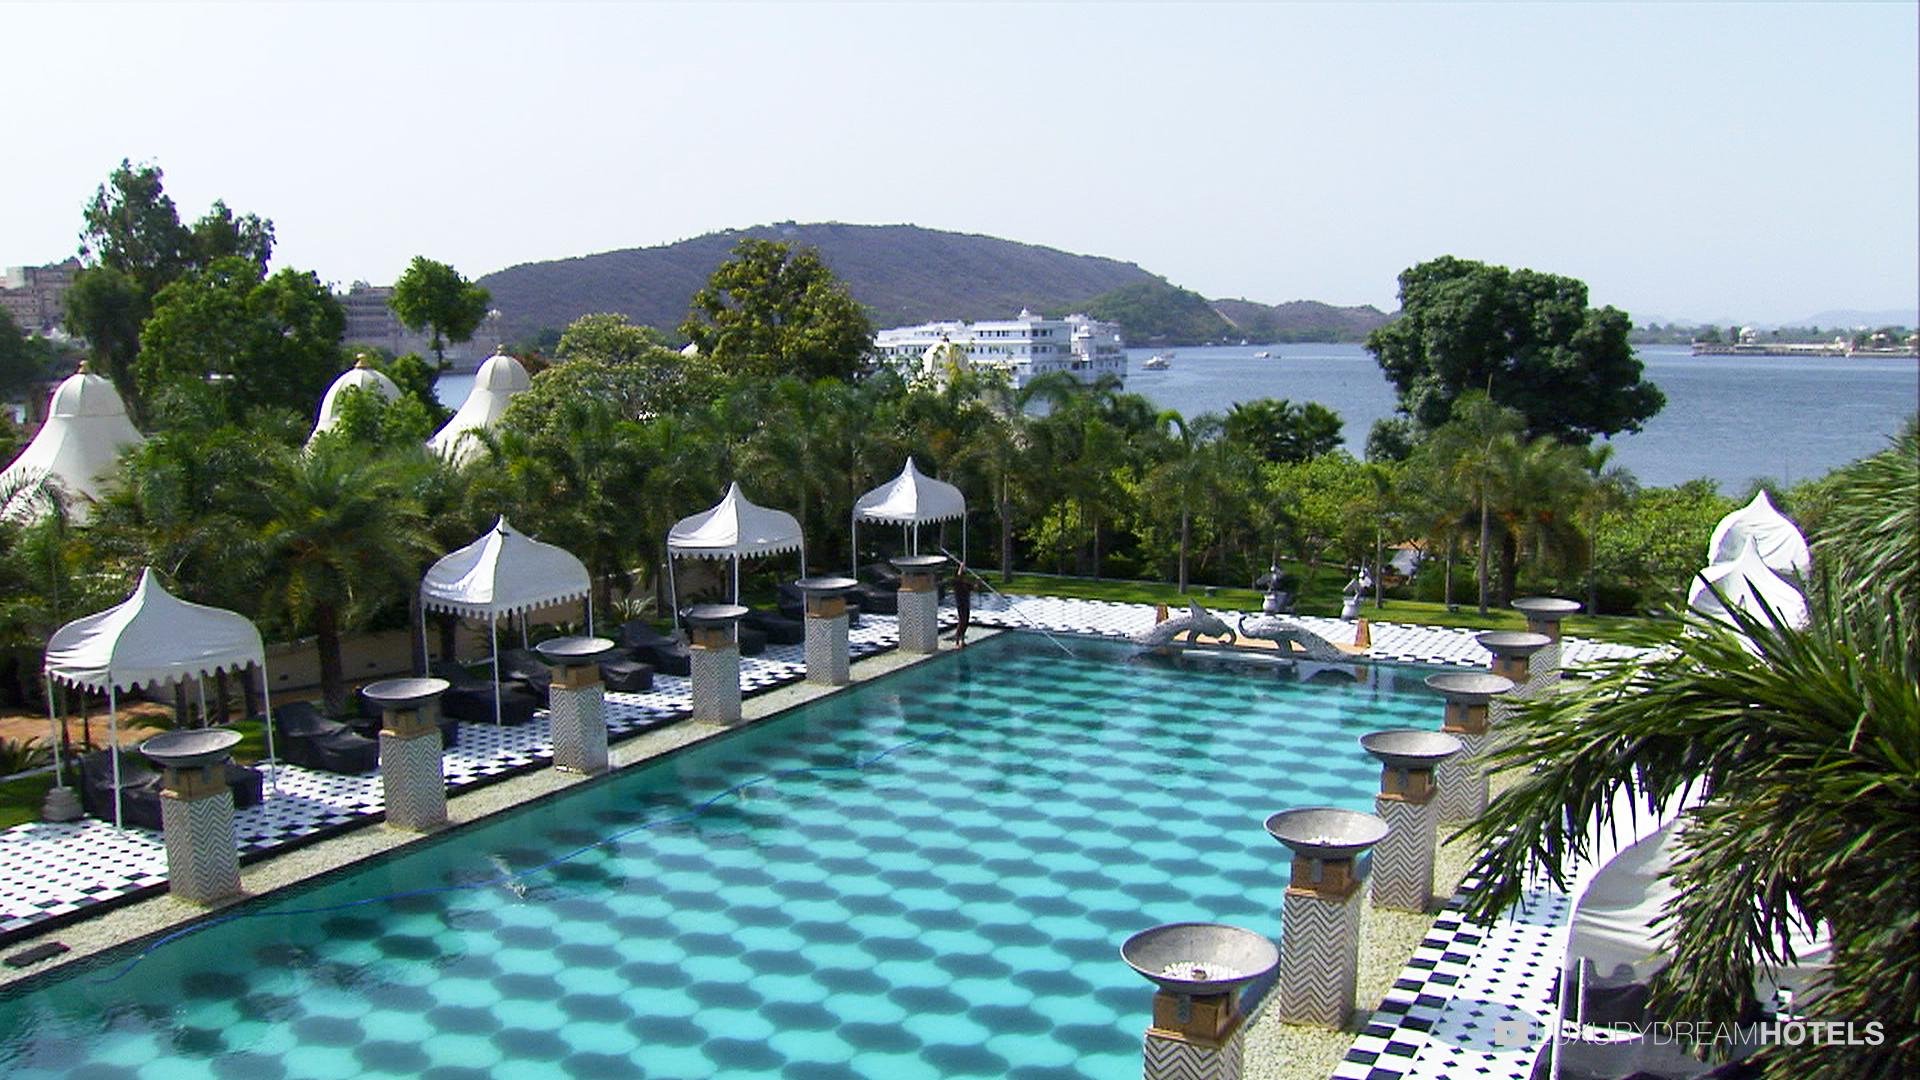 Luxury Hotel The Leela Palace Udaipur